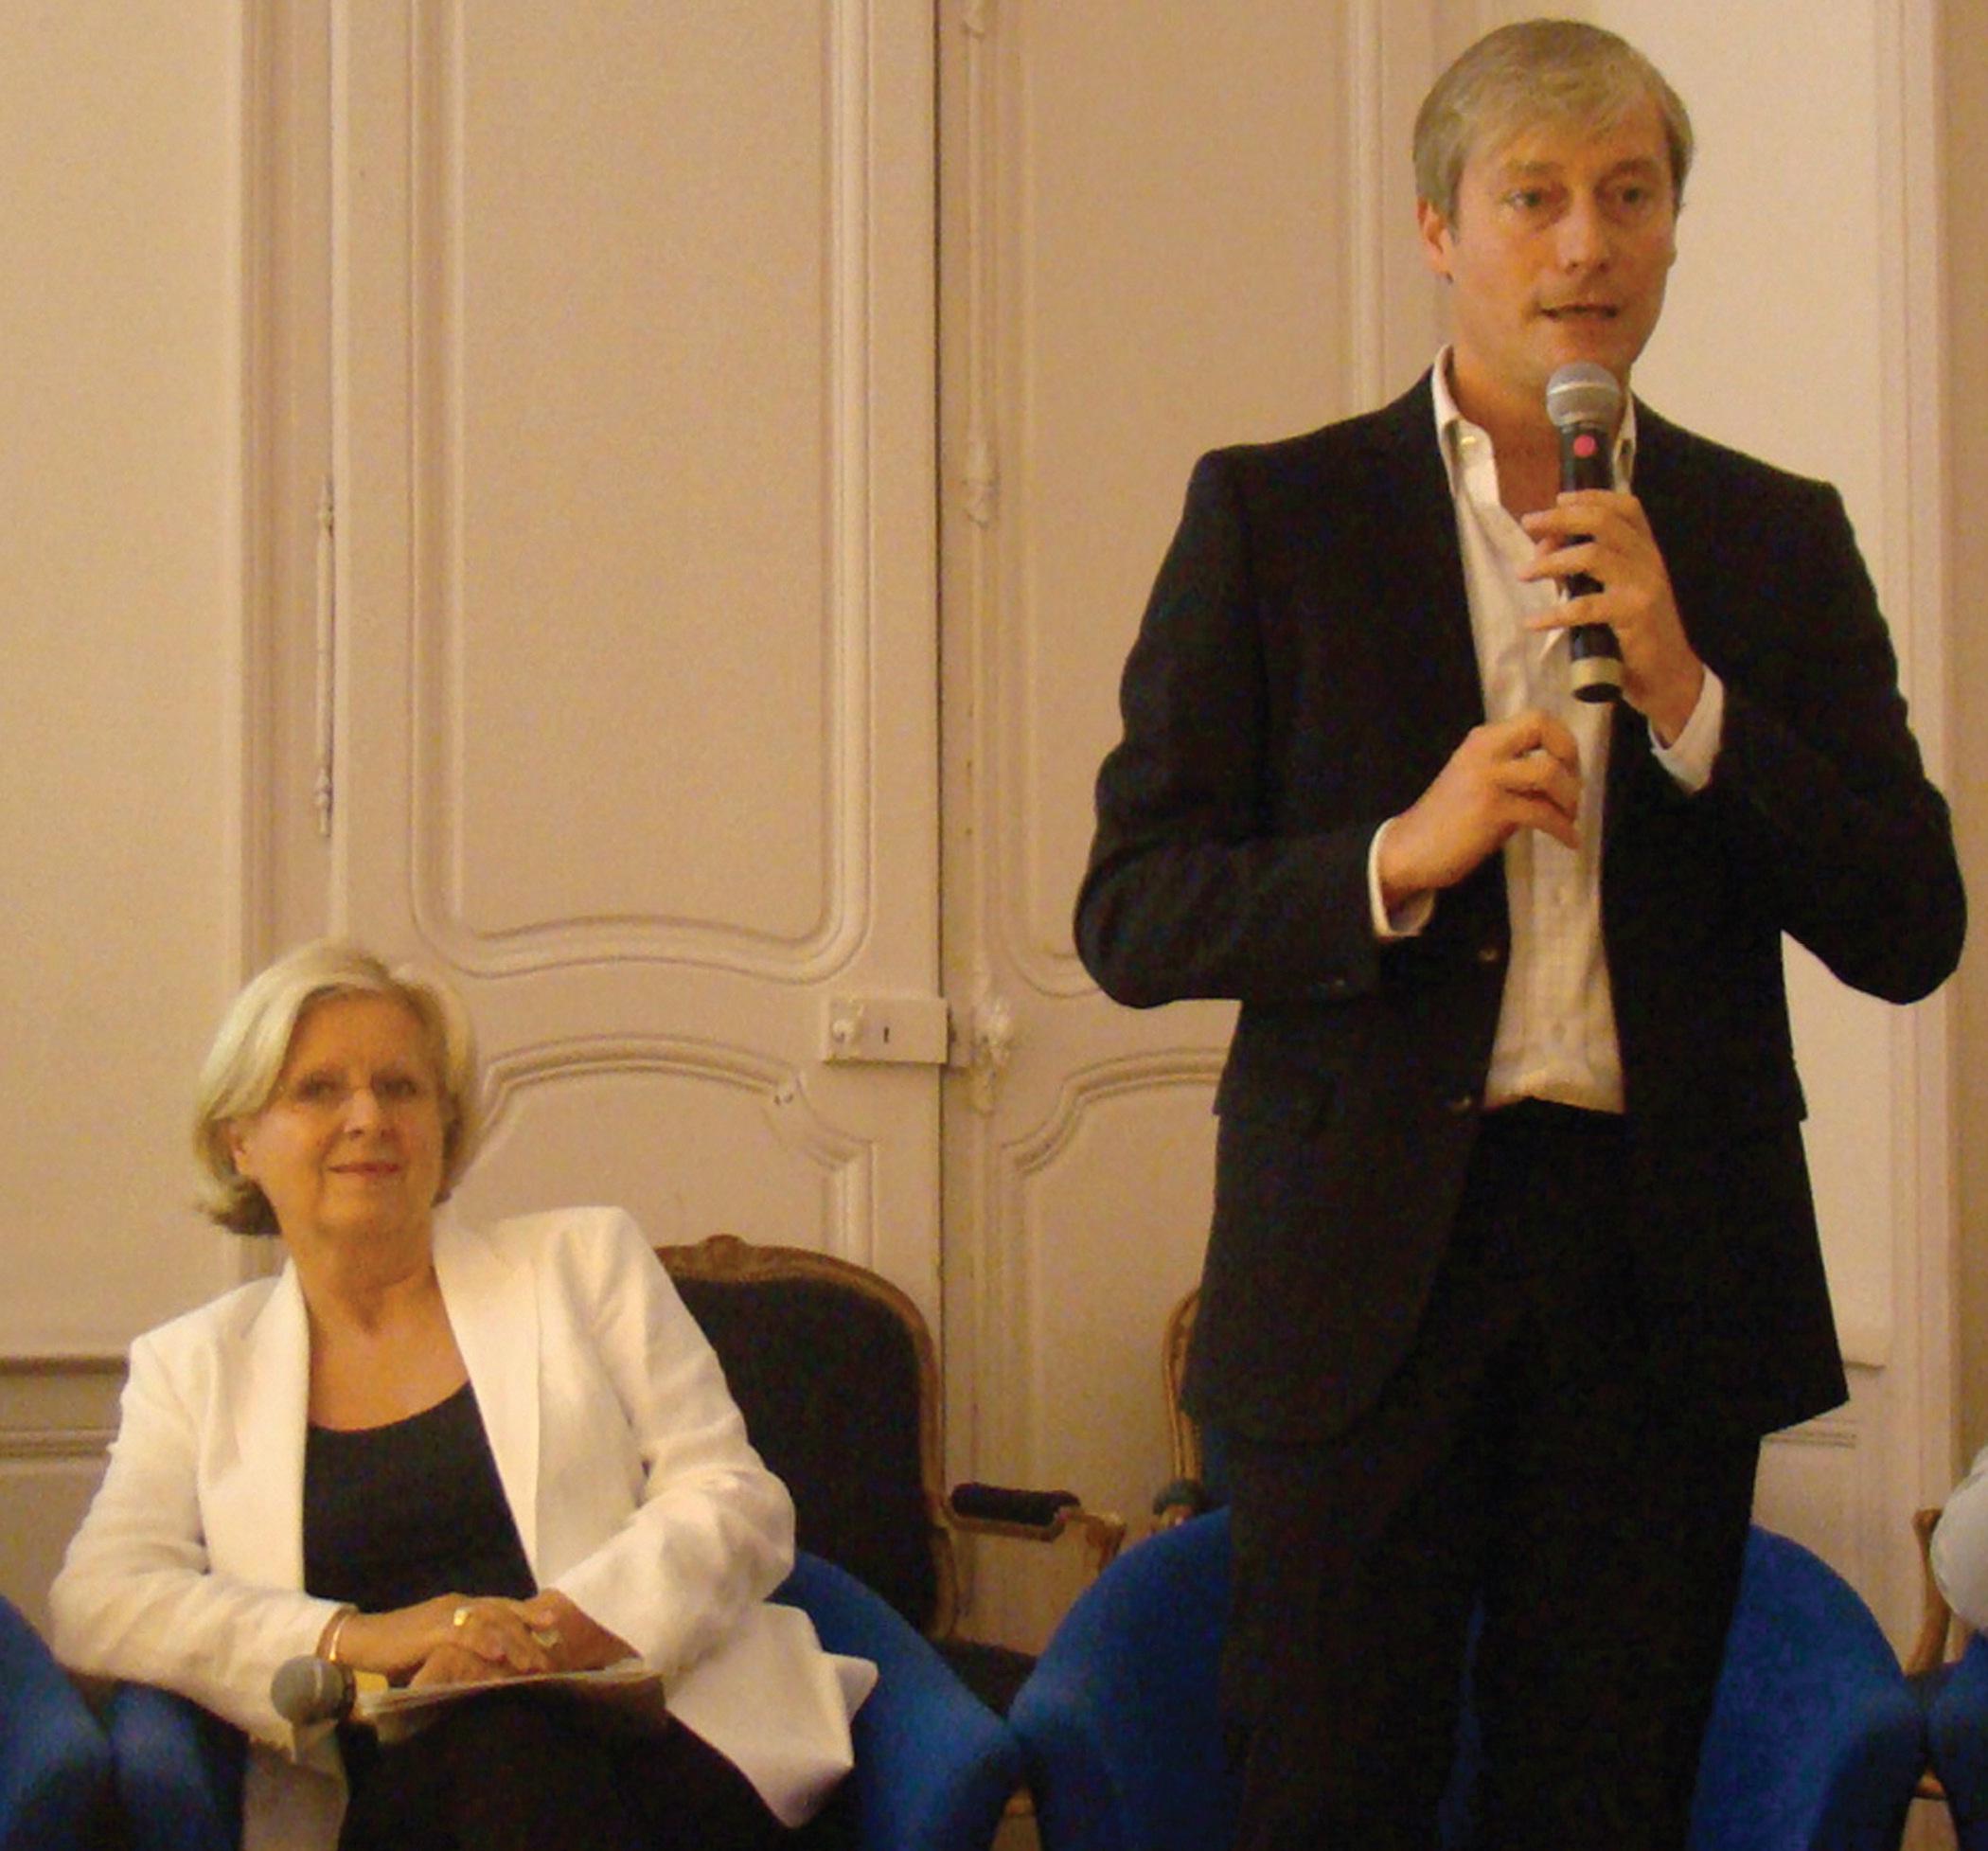 Lundi dernier, Françoise Rossinot et Laurent Hénart ont présenté le sommaire du 34ème Livre sur la Place, une manifestation qui ne cesse de prendre de l'ampleur.